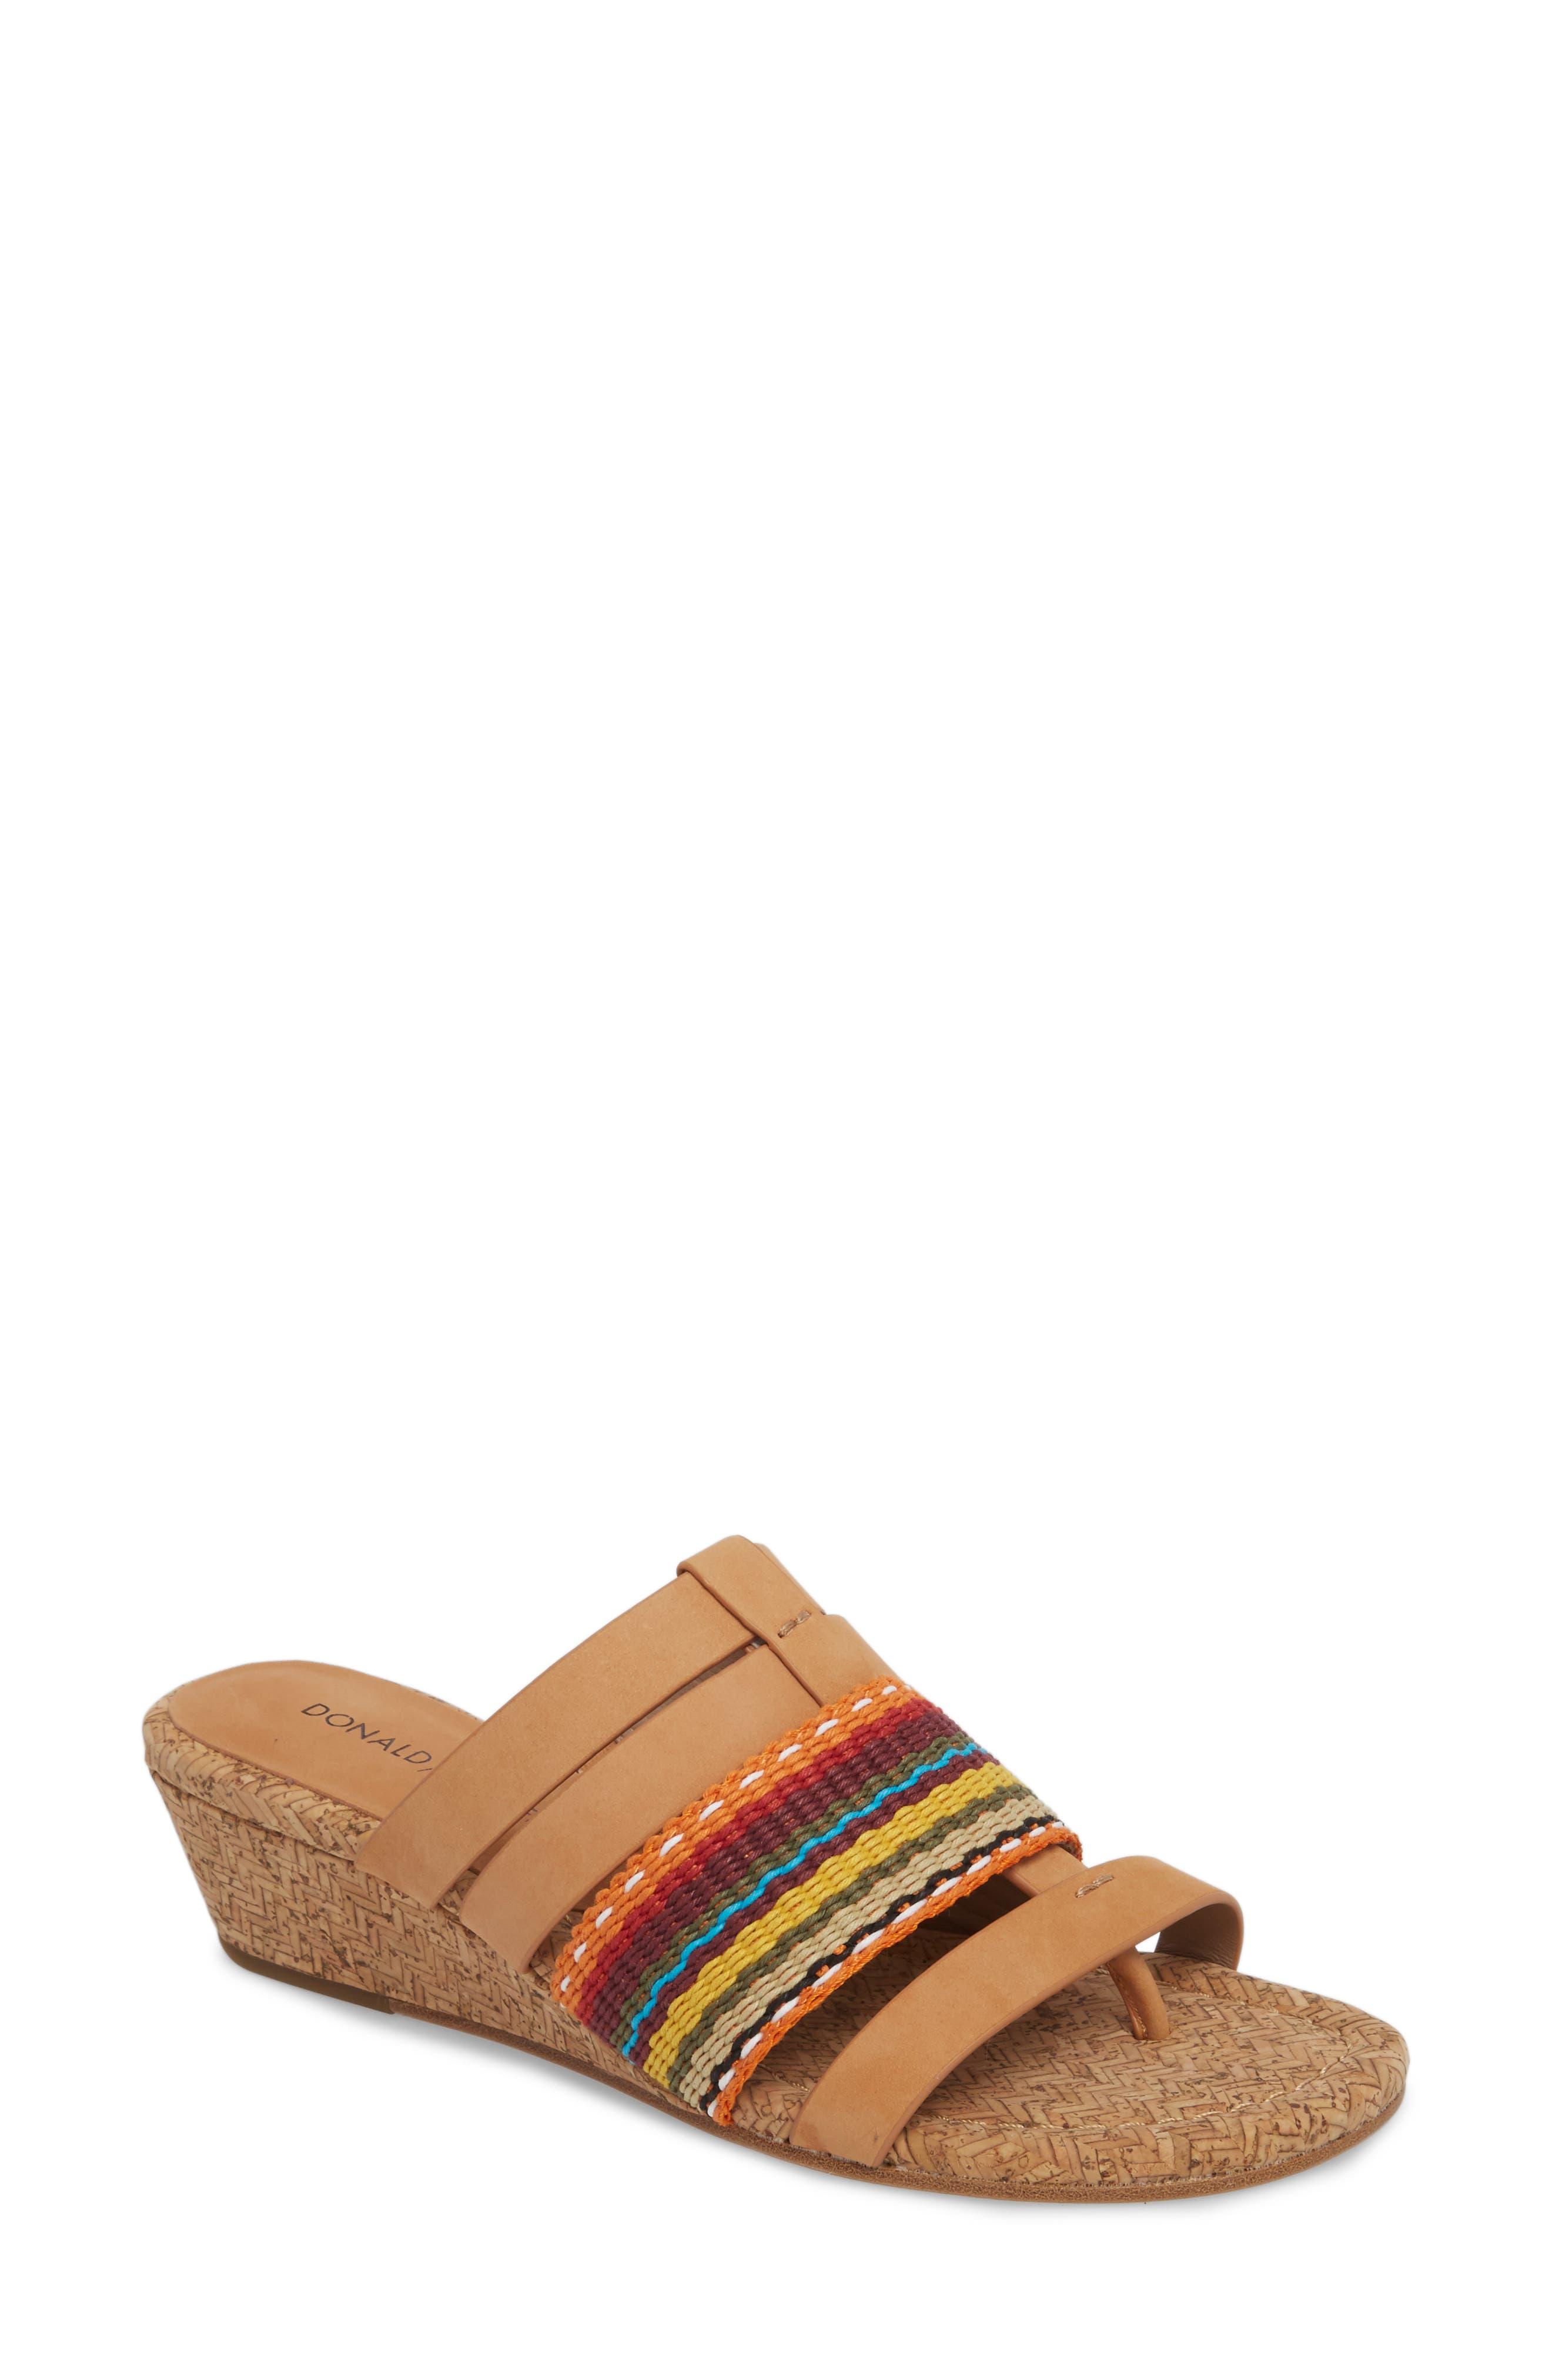 Dara Wedge Sandal,                         Main,                         color,